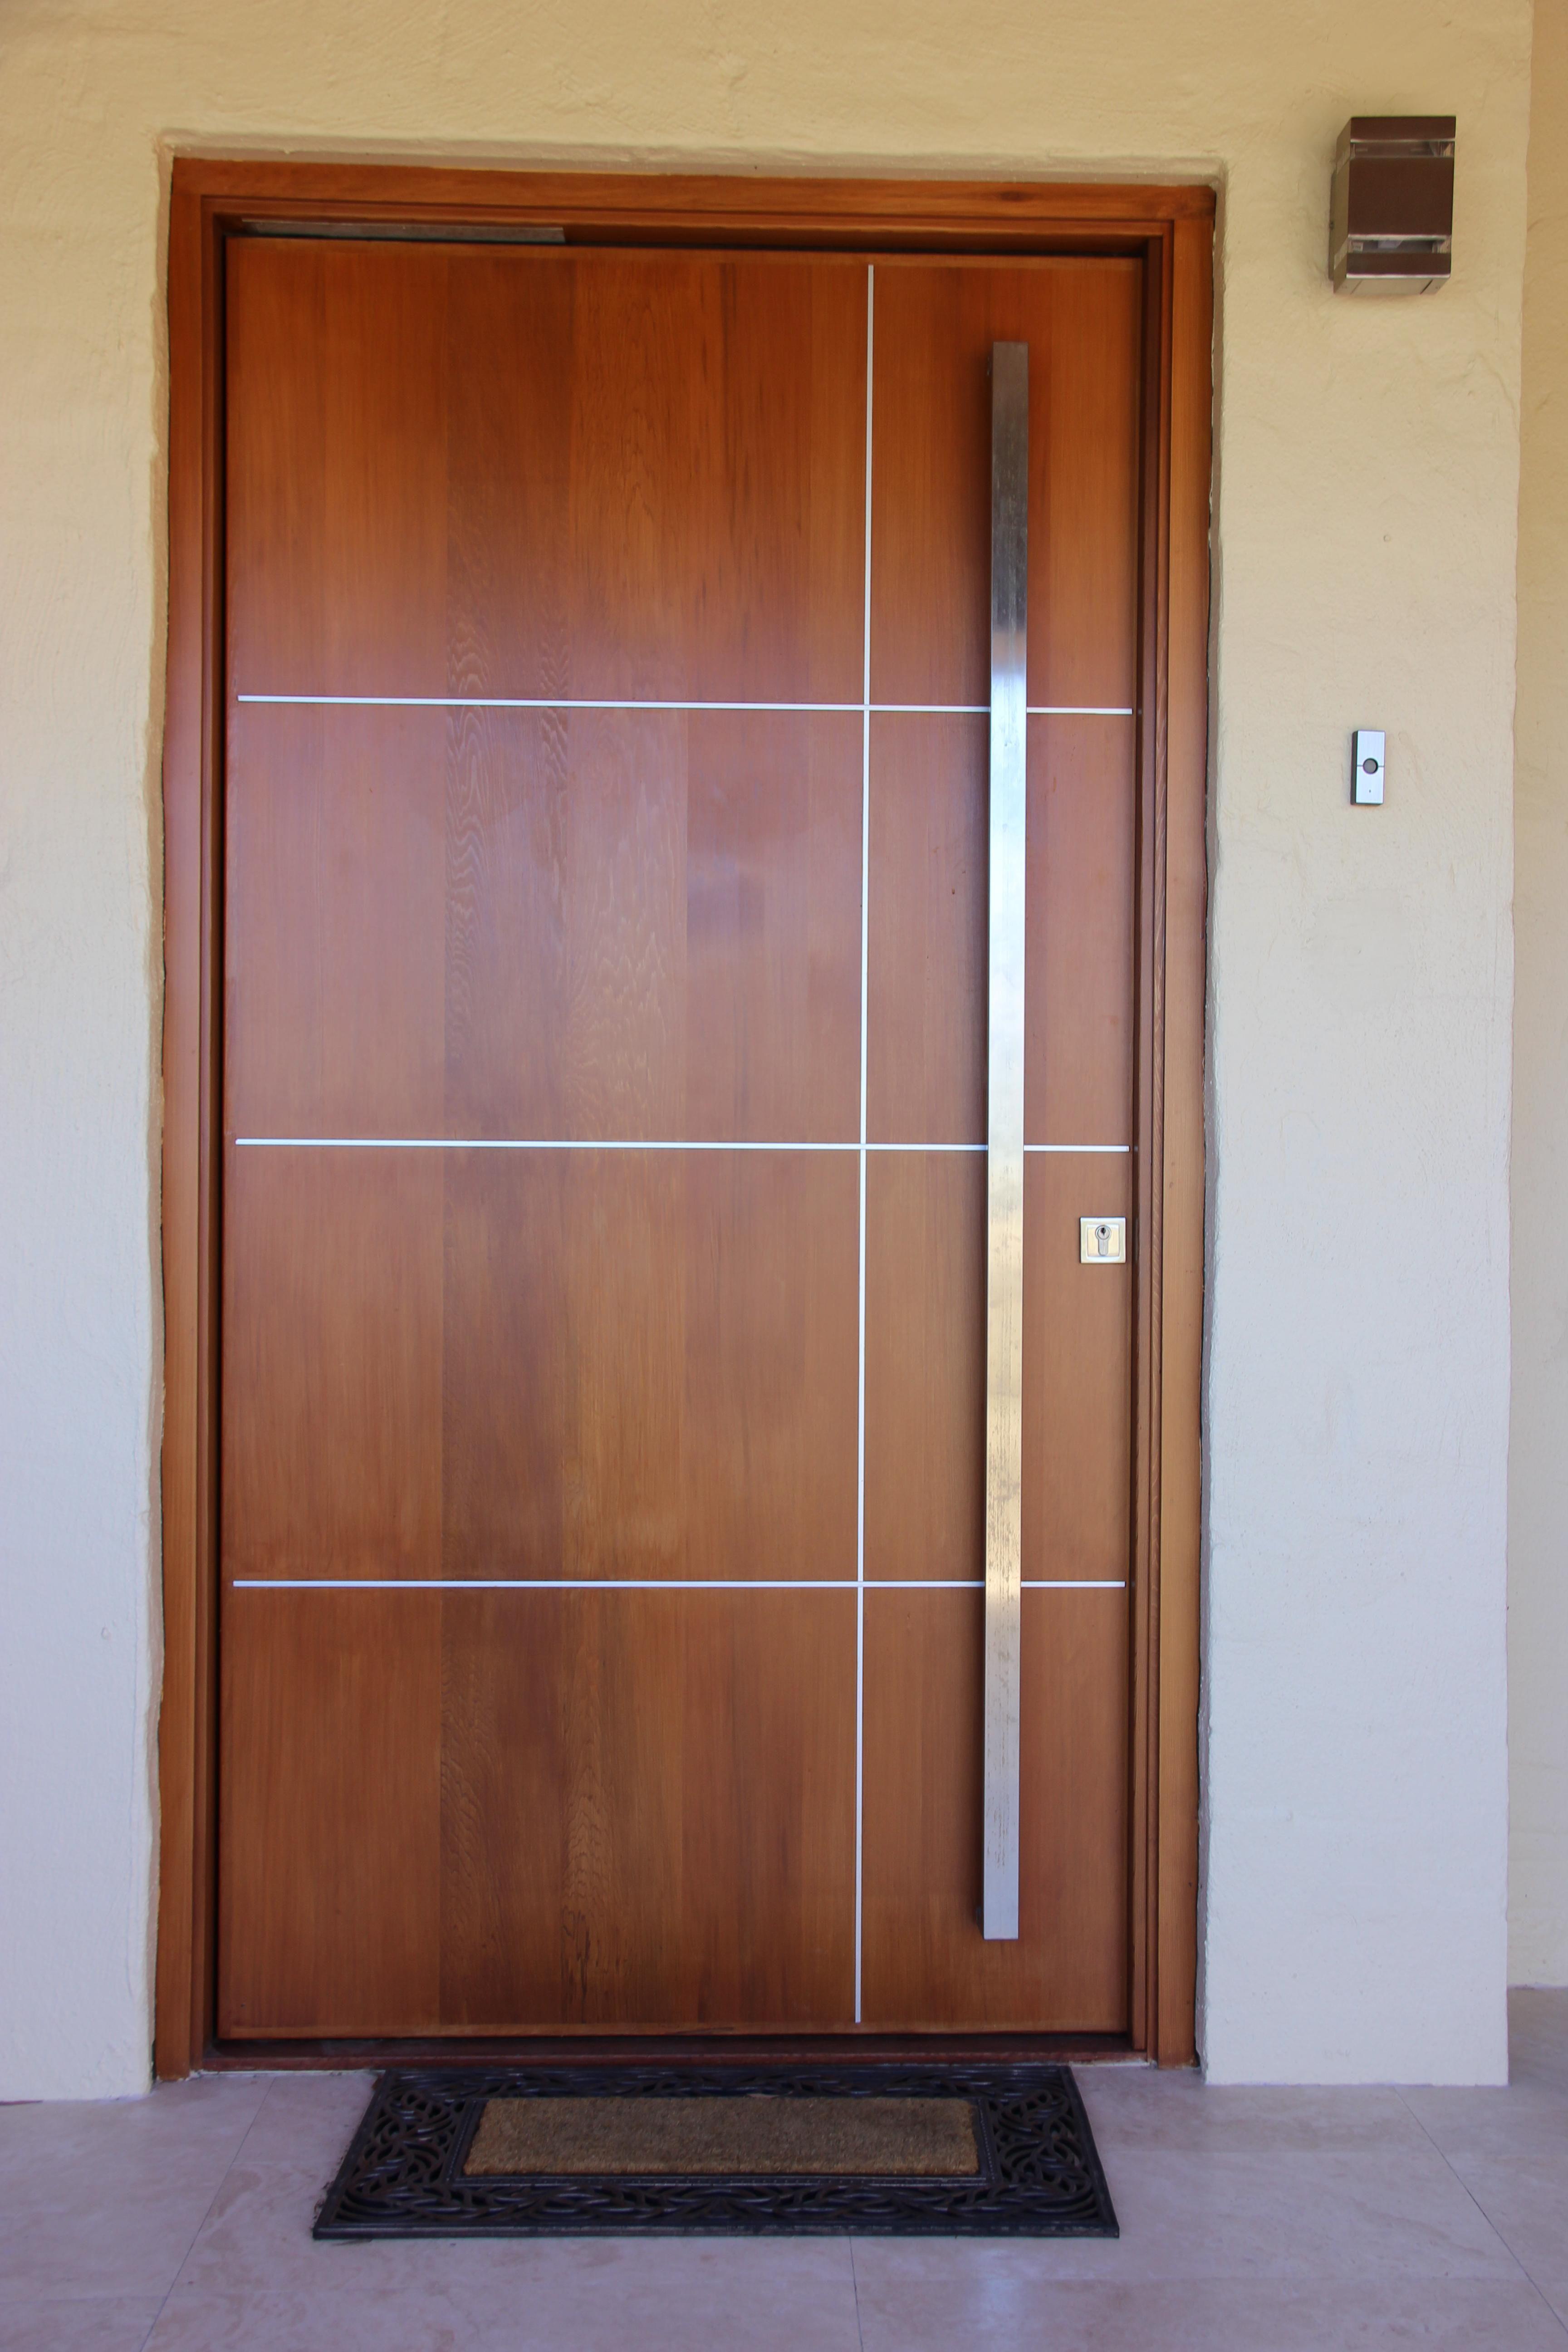 90 Door Models Types Sliding Wood Glass And Photos 90 Modelos De Portas Tipos Correr Madeira In 2020 Doors Interior Modern Main Door Design Wood Doors Interior